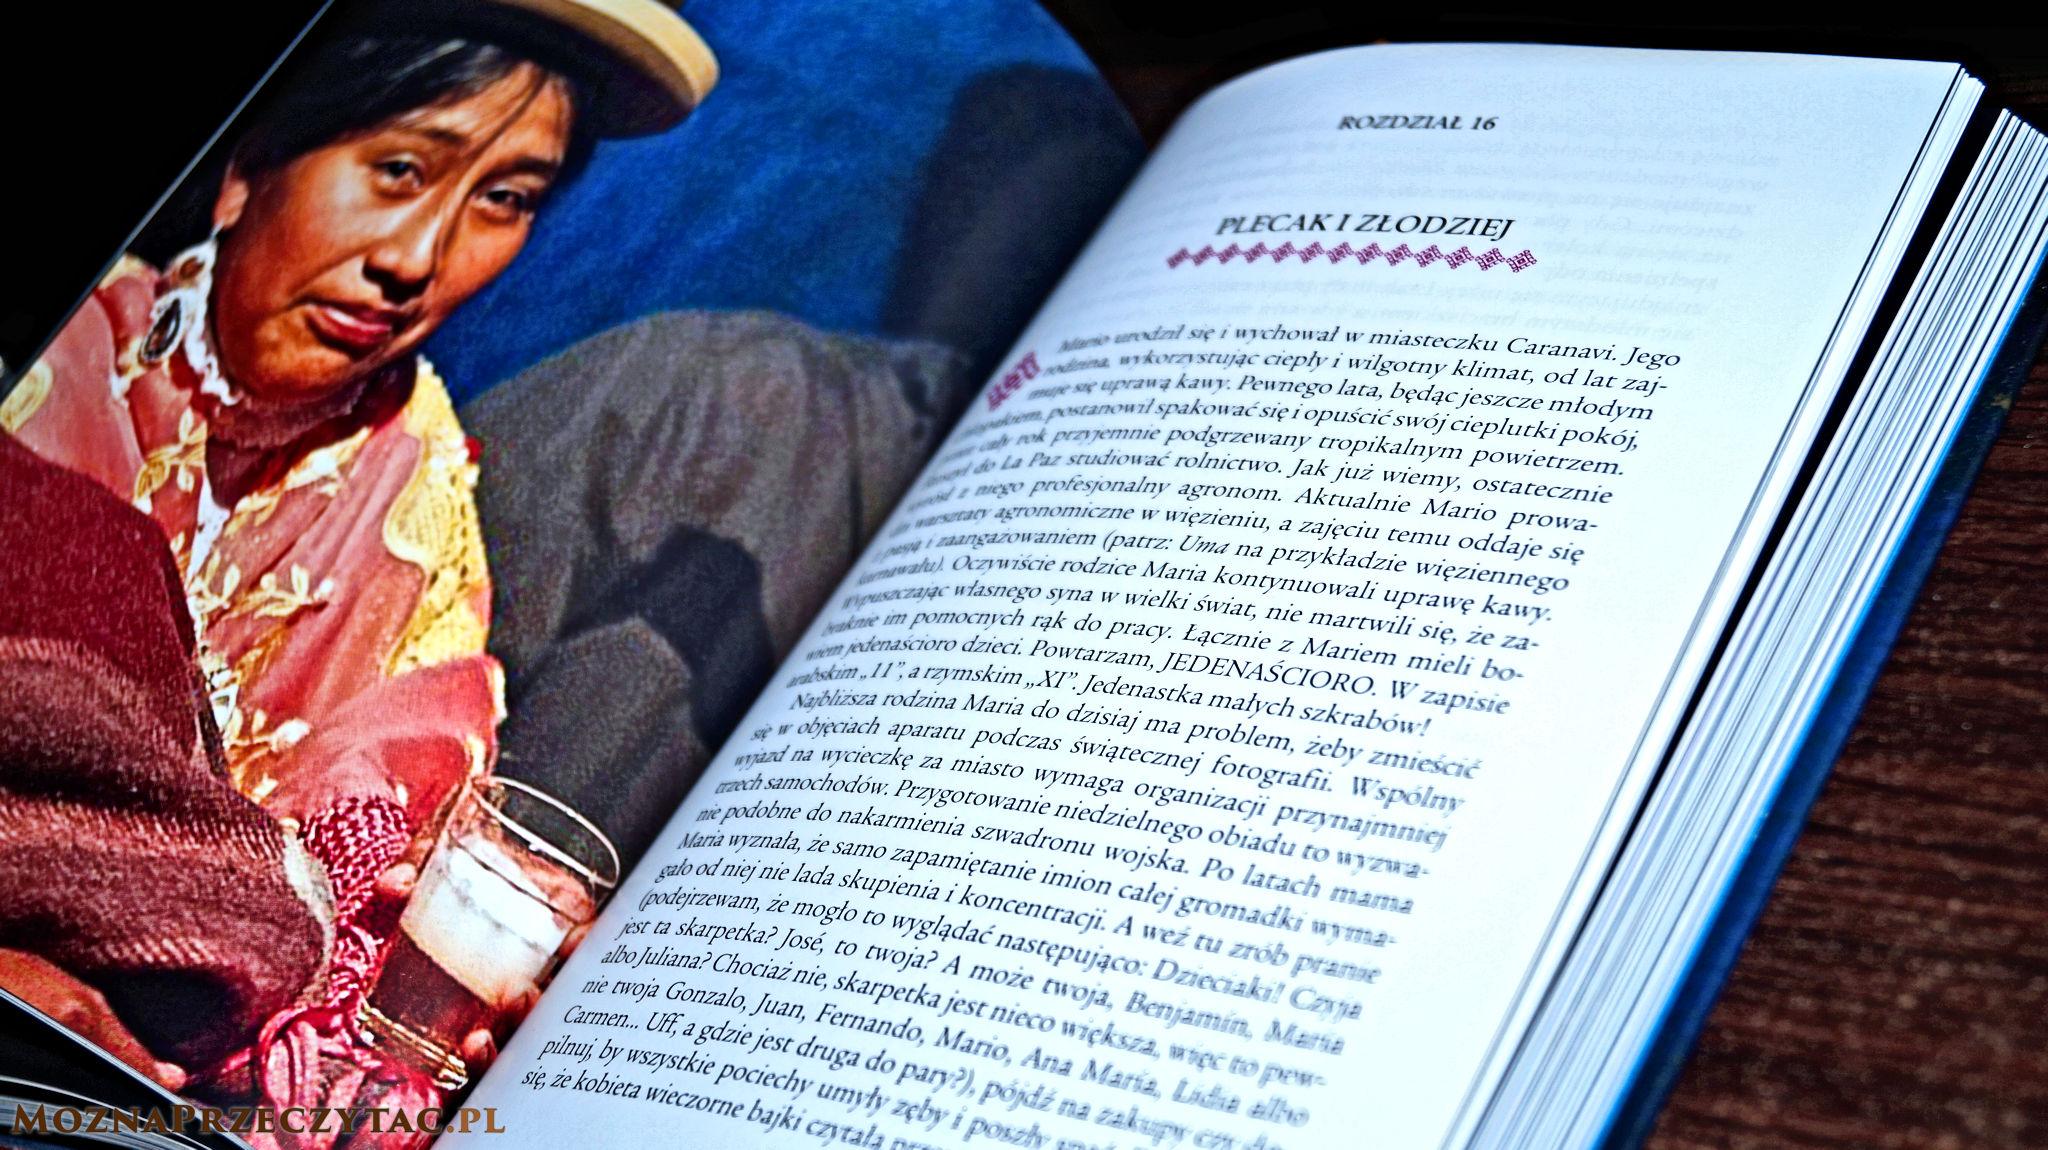 Boliwia. Narzeczona, więzienie i cudze wesele - Paweł Wilk